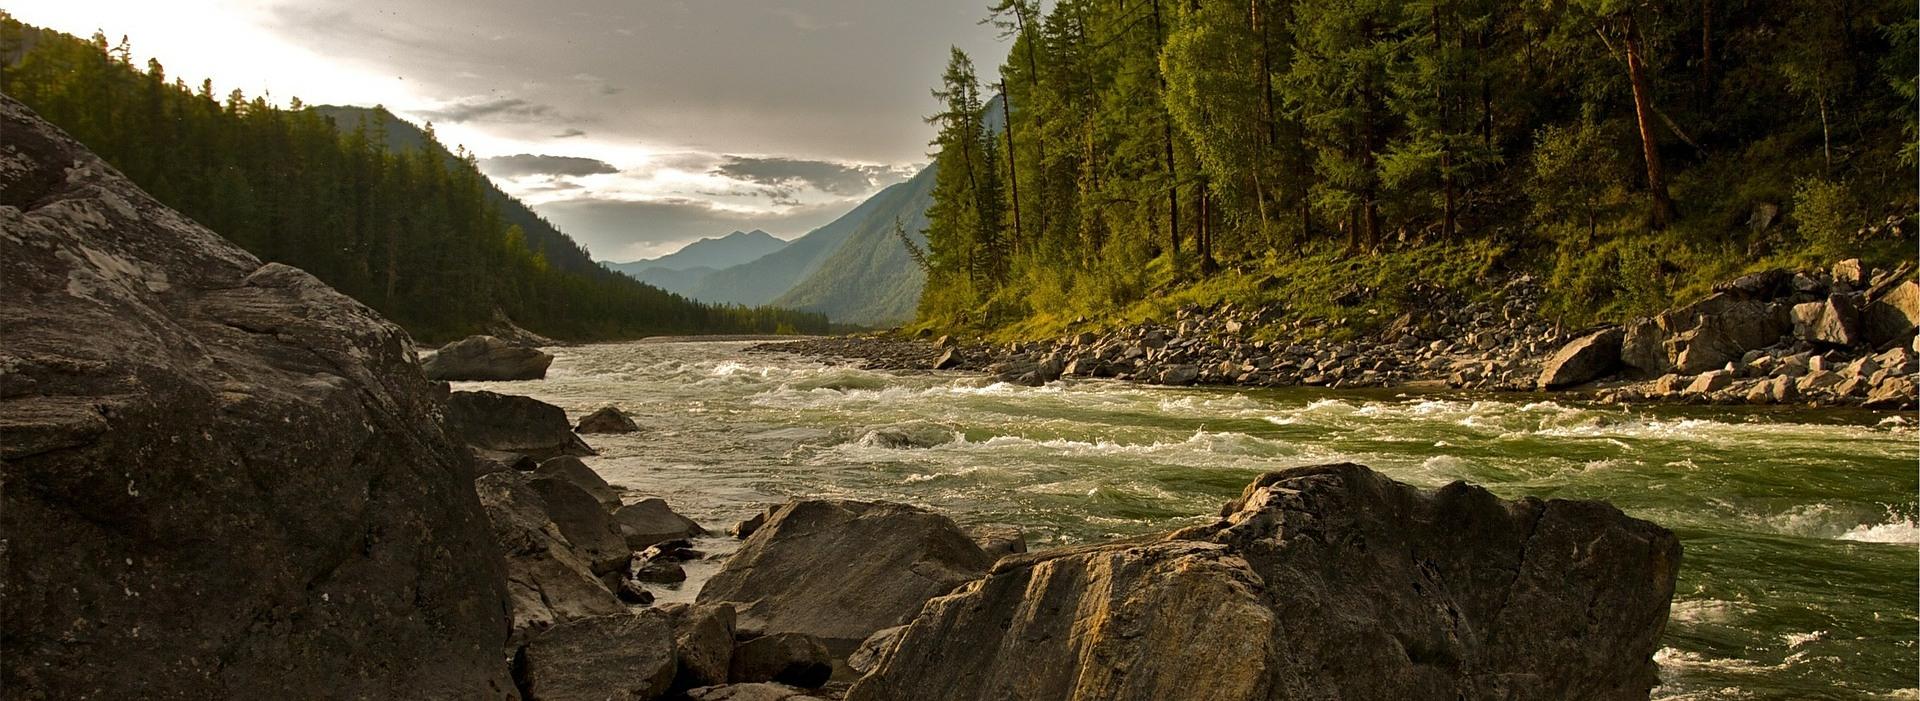 L'écotourisme, voyager et respecter l'environnement